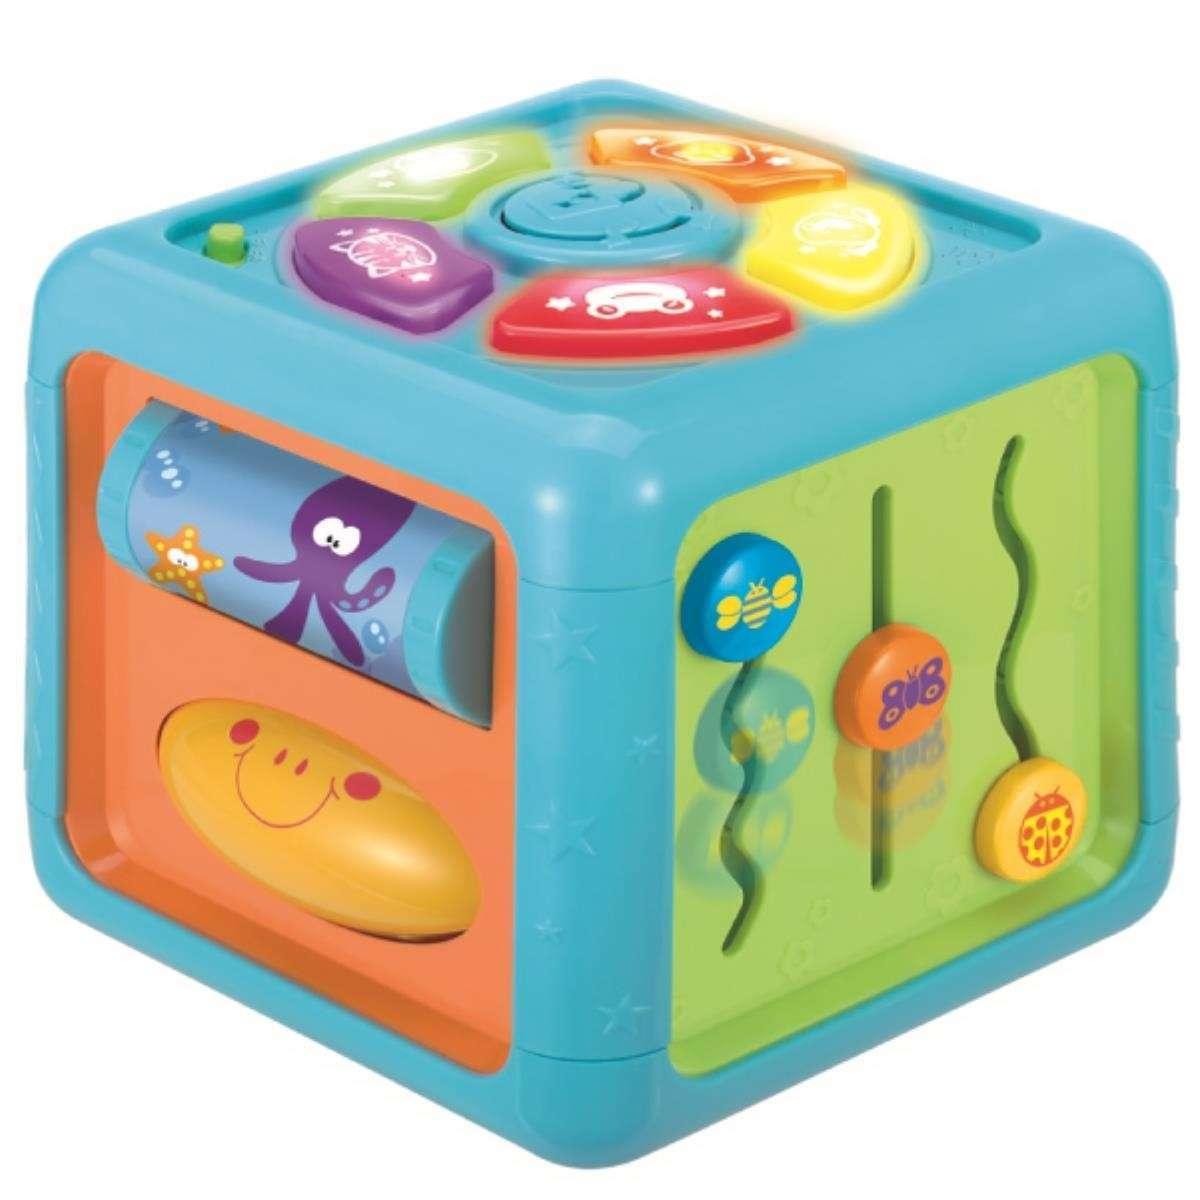 Winfun Duscovery Cube Bērnu attīstoša muzikālā rotaļlieta Kubs